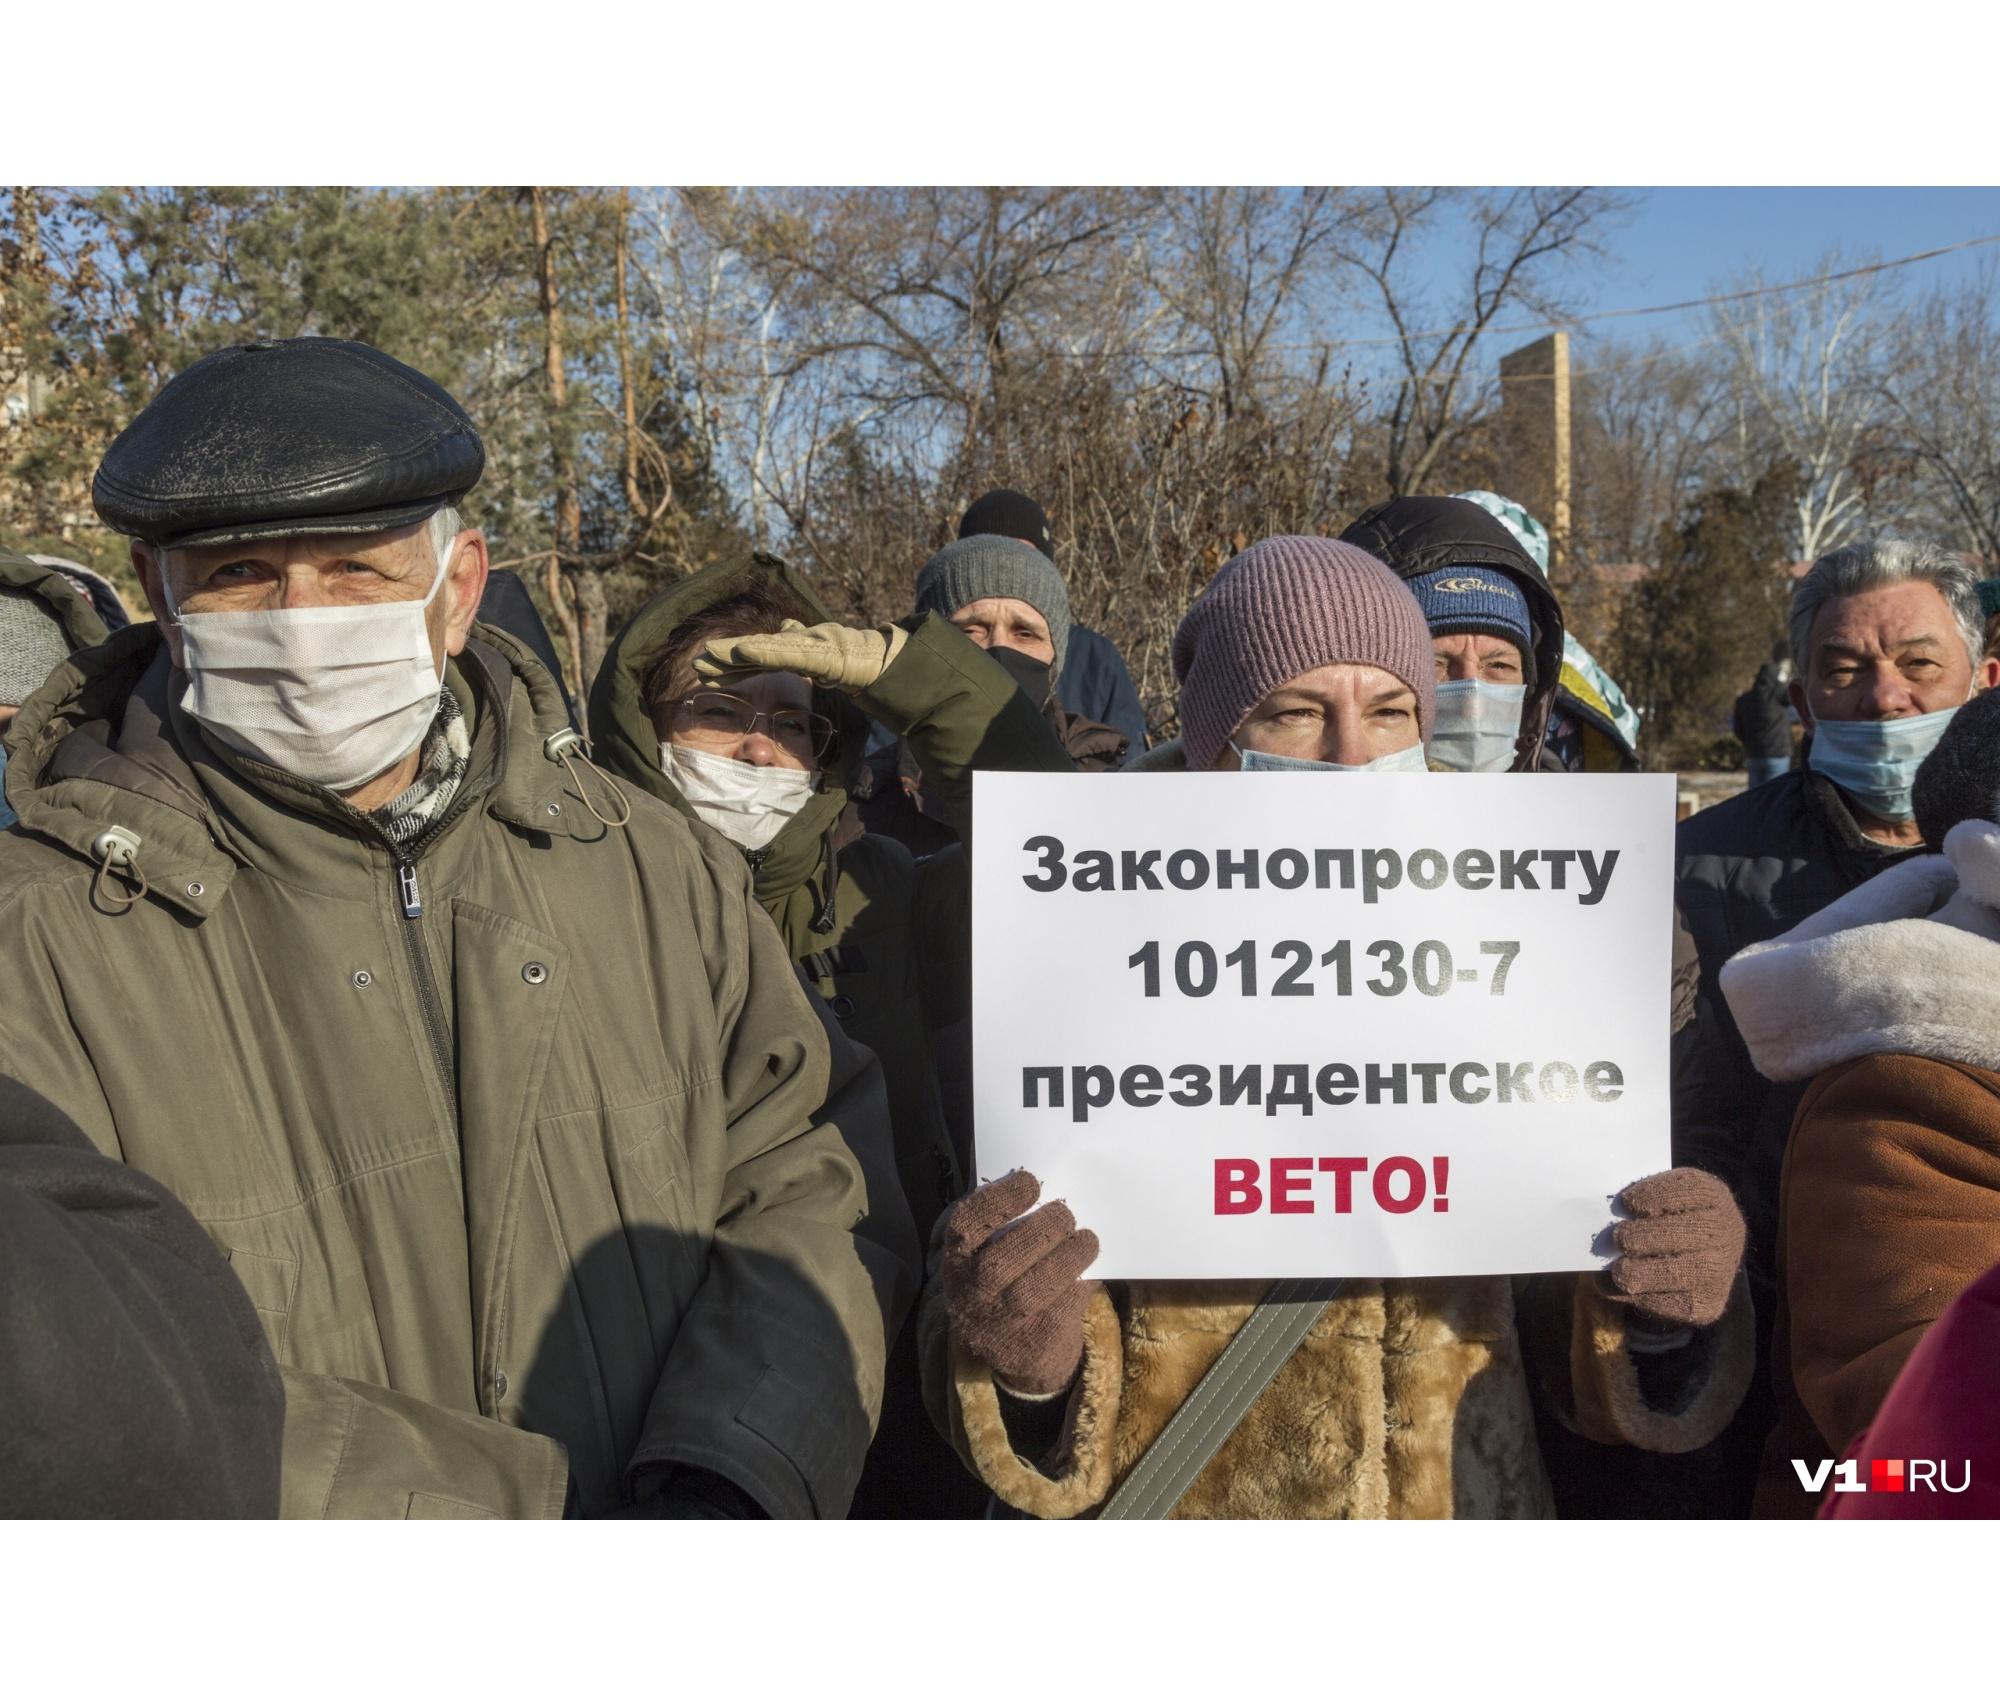 Активисты попросили наложить вето на принятый депутатами закон